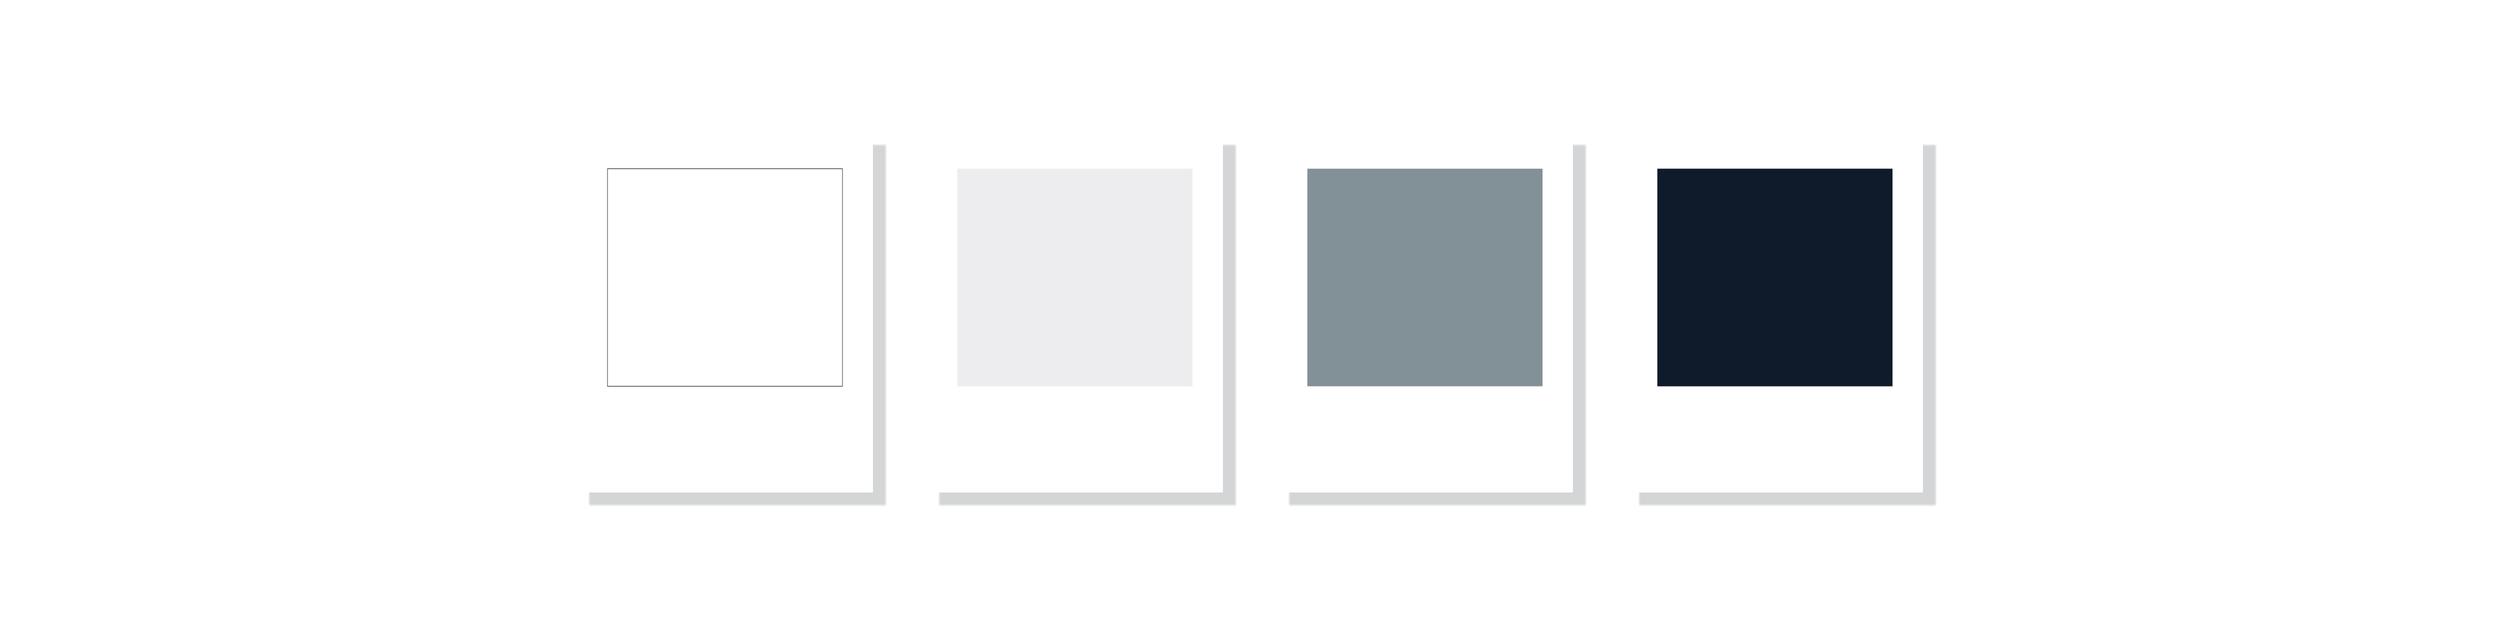 color_palette_mockup_web_jb.png